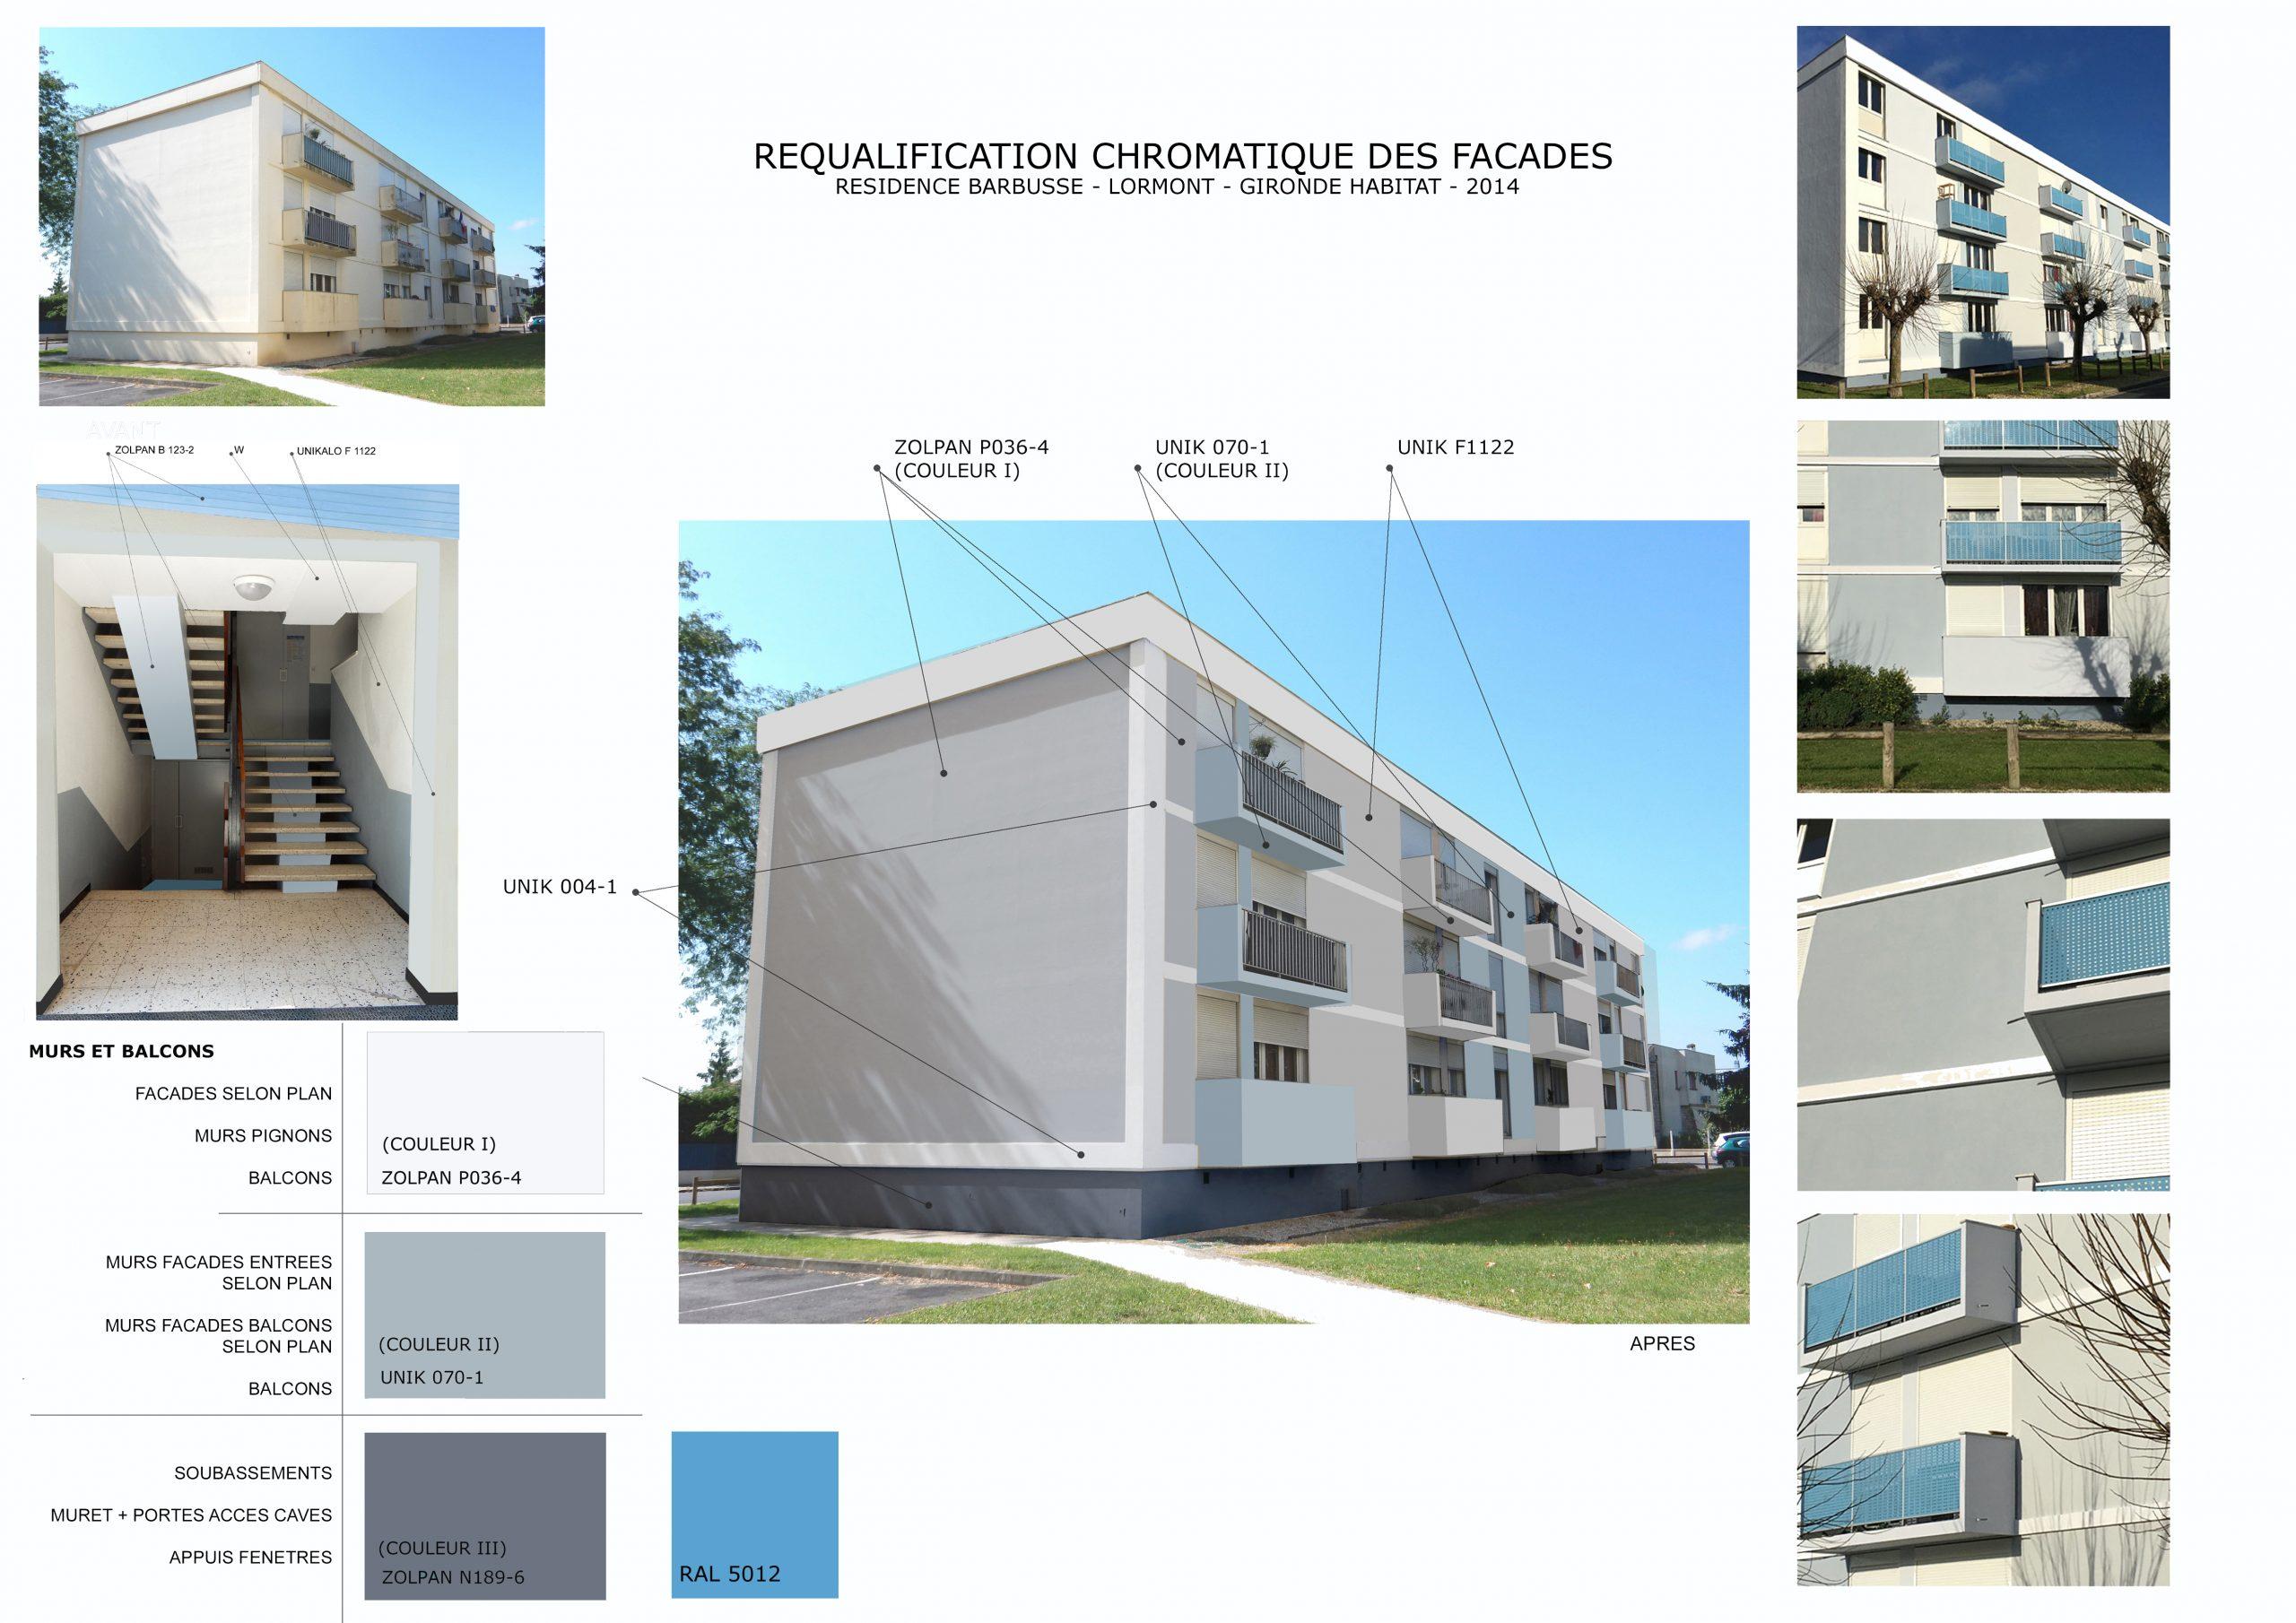 Urbanisme chromatique-Polychromie architecturale-Lormont